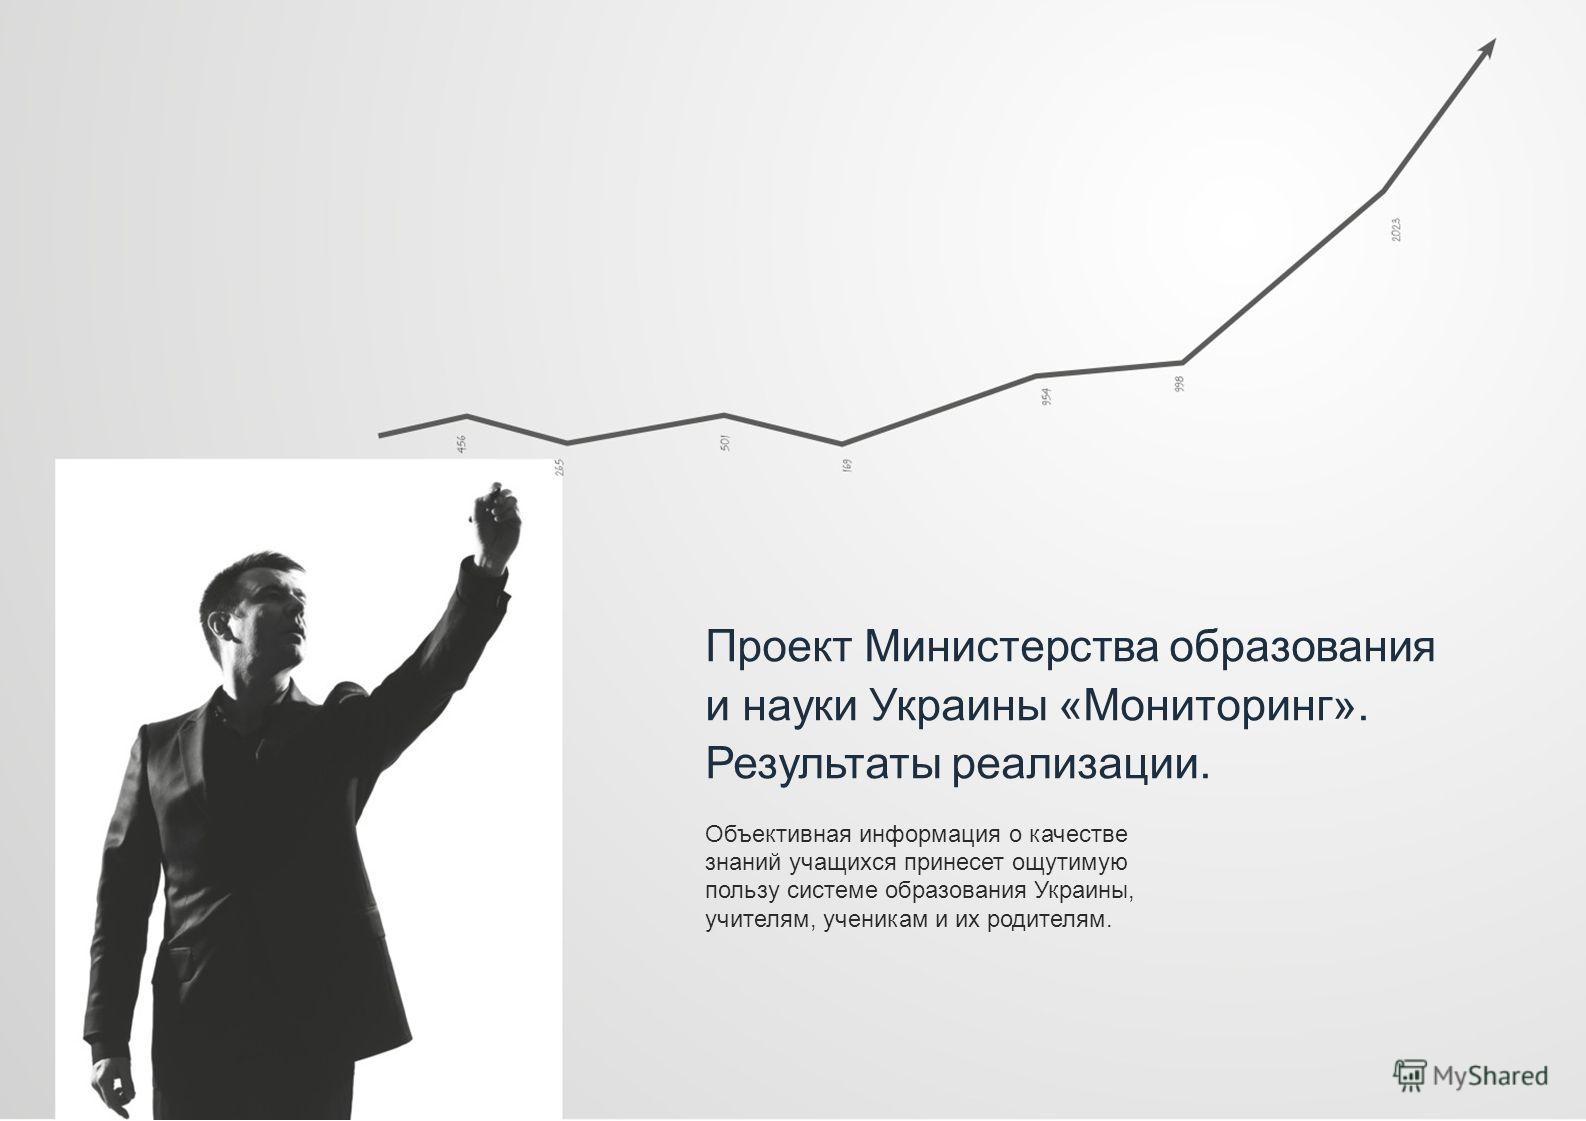 Проект Министерства образования и науки Украины «Мониторинг». Результаты реализации. Объективная информация о качестве знаний учащихся принесет ощутимую пользу системе образования Украины, учителям, ученикам и их родителям.